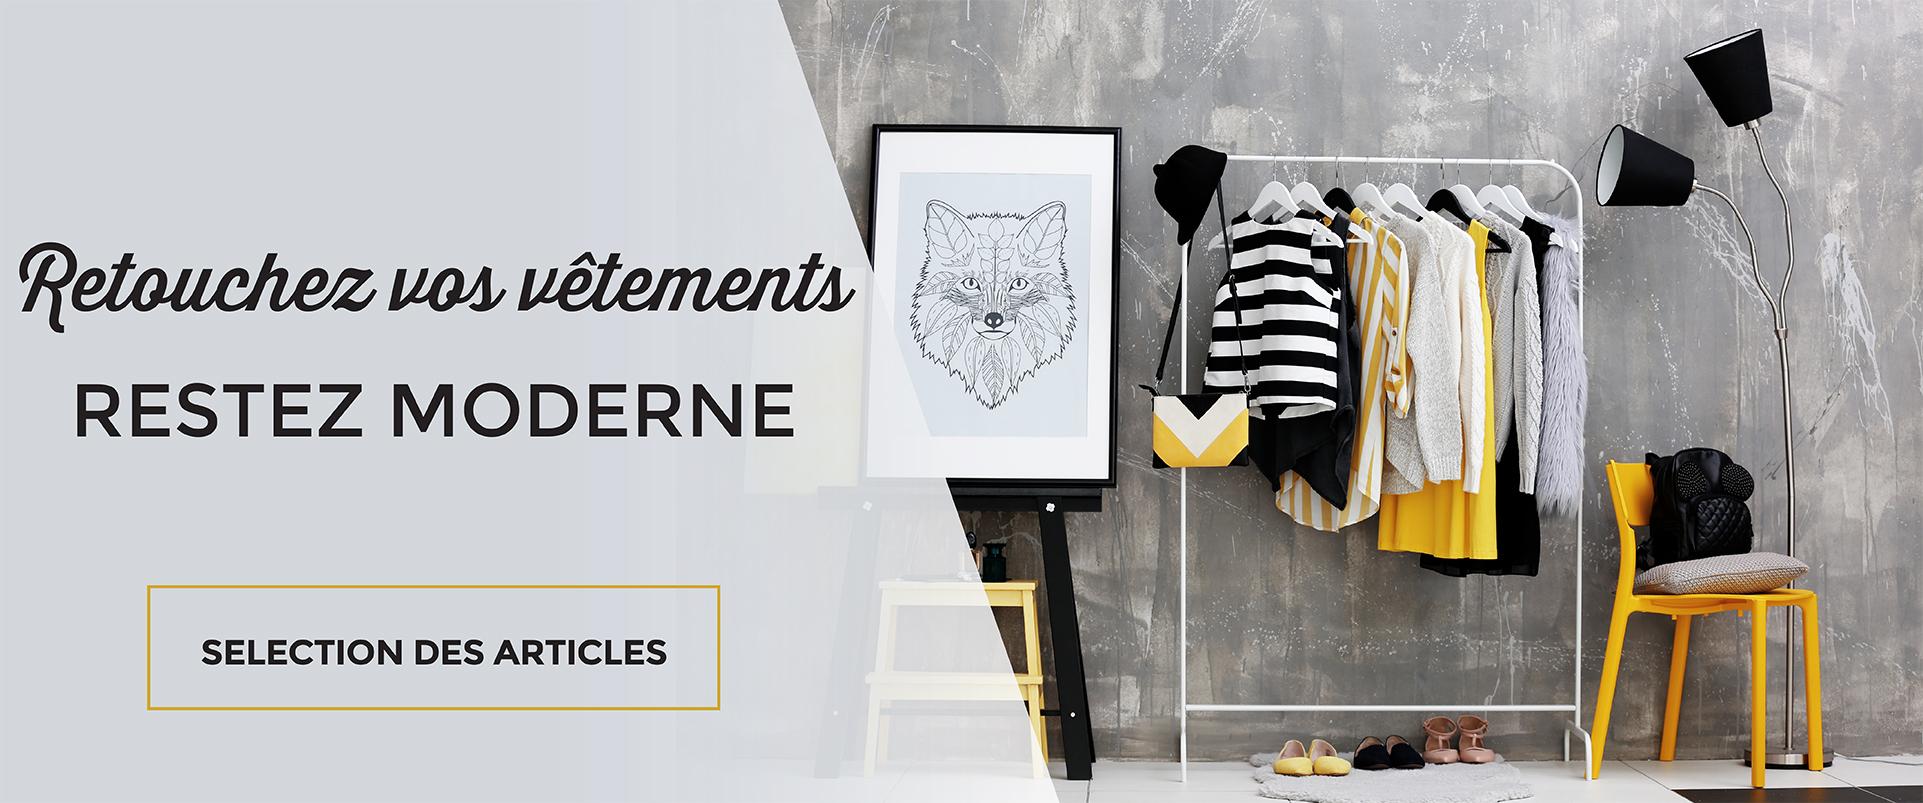 3-Tendance-Retouche-restez-moderne